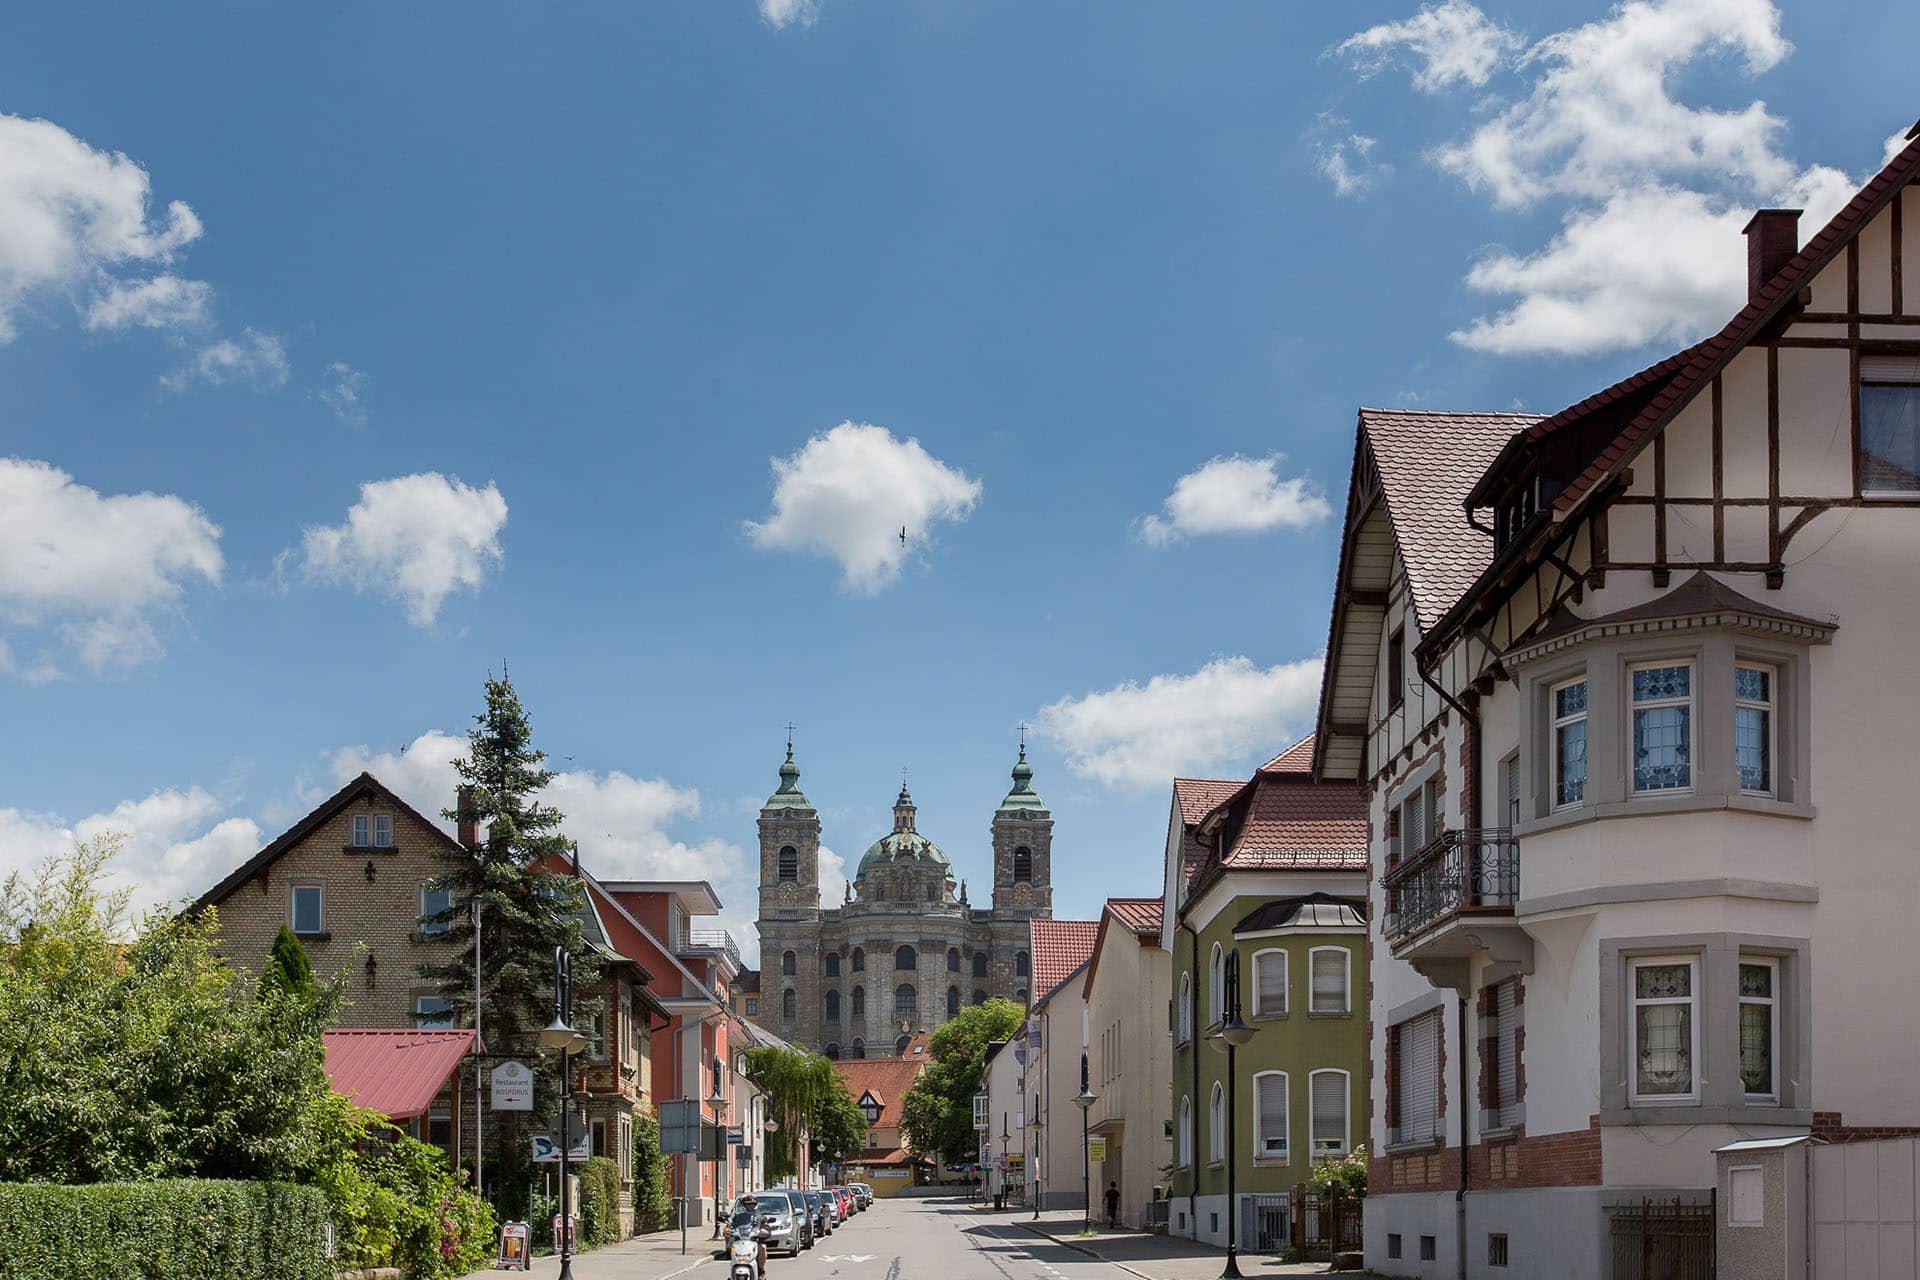 Weingarten In Stadtmarketing Gmbh